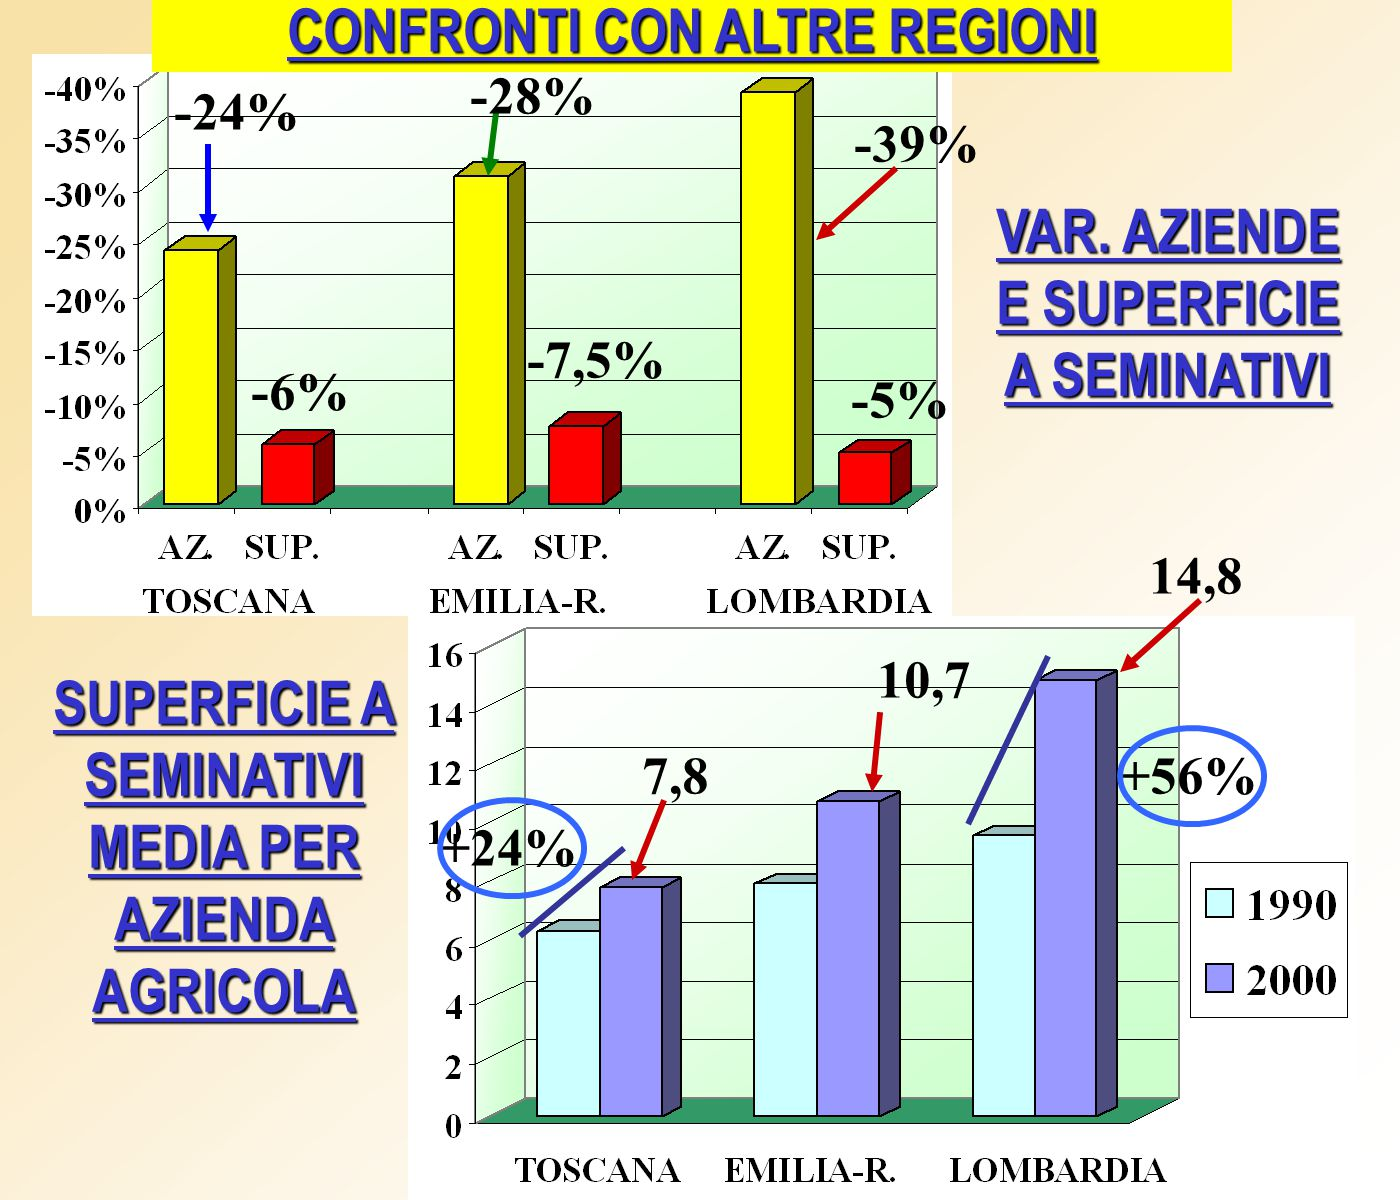 VAR. AZIENDE E SUPERFICIE A SEMINATIVI SUPERFICIE A SEMINATIVI MEDIA PER AZIENDA AGRICOLA -39% -24% -28% -6% -7,5% -5% CONFRONTI CON ALTRE REGIONI 14,